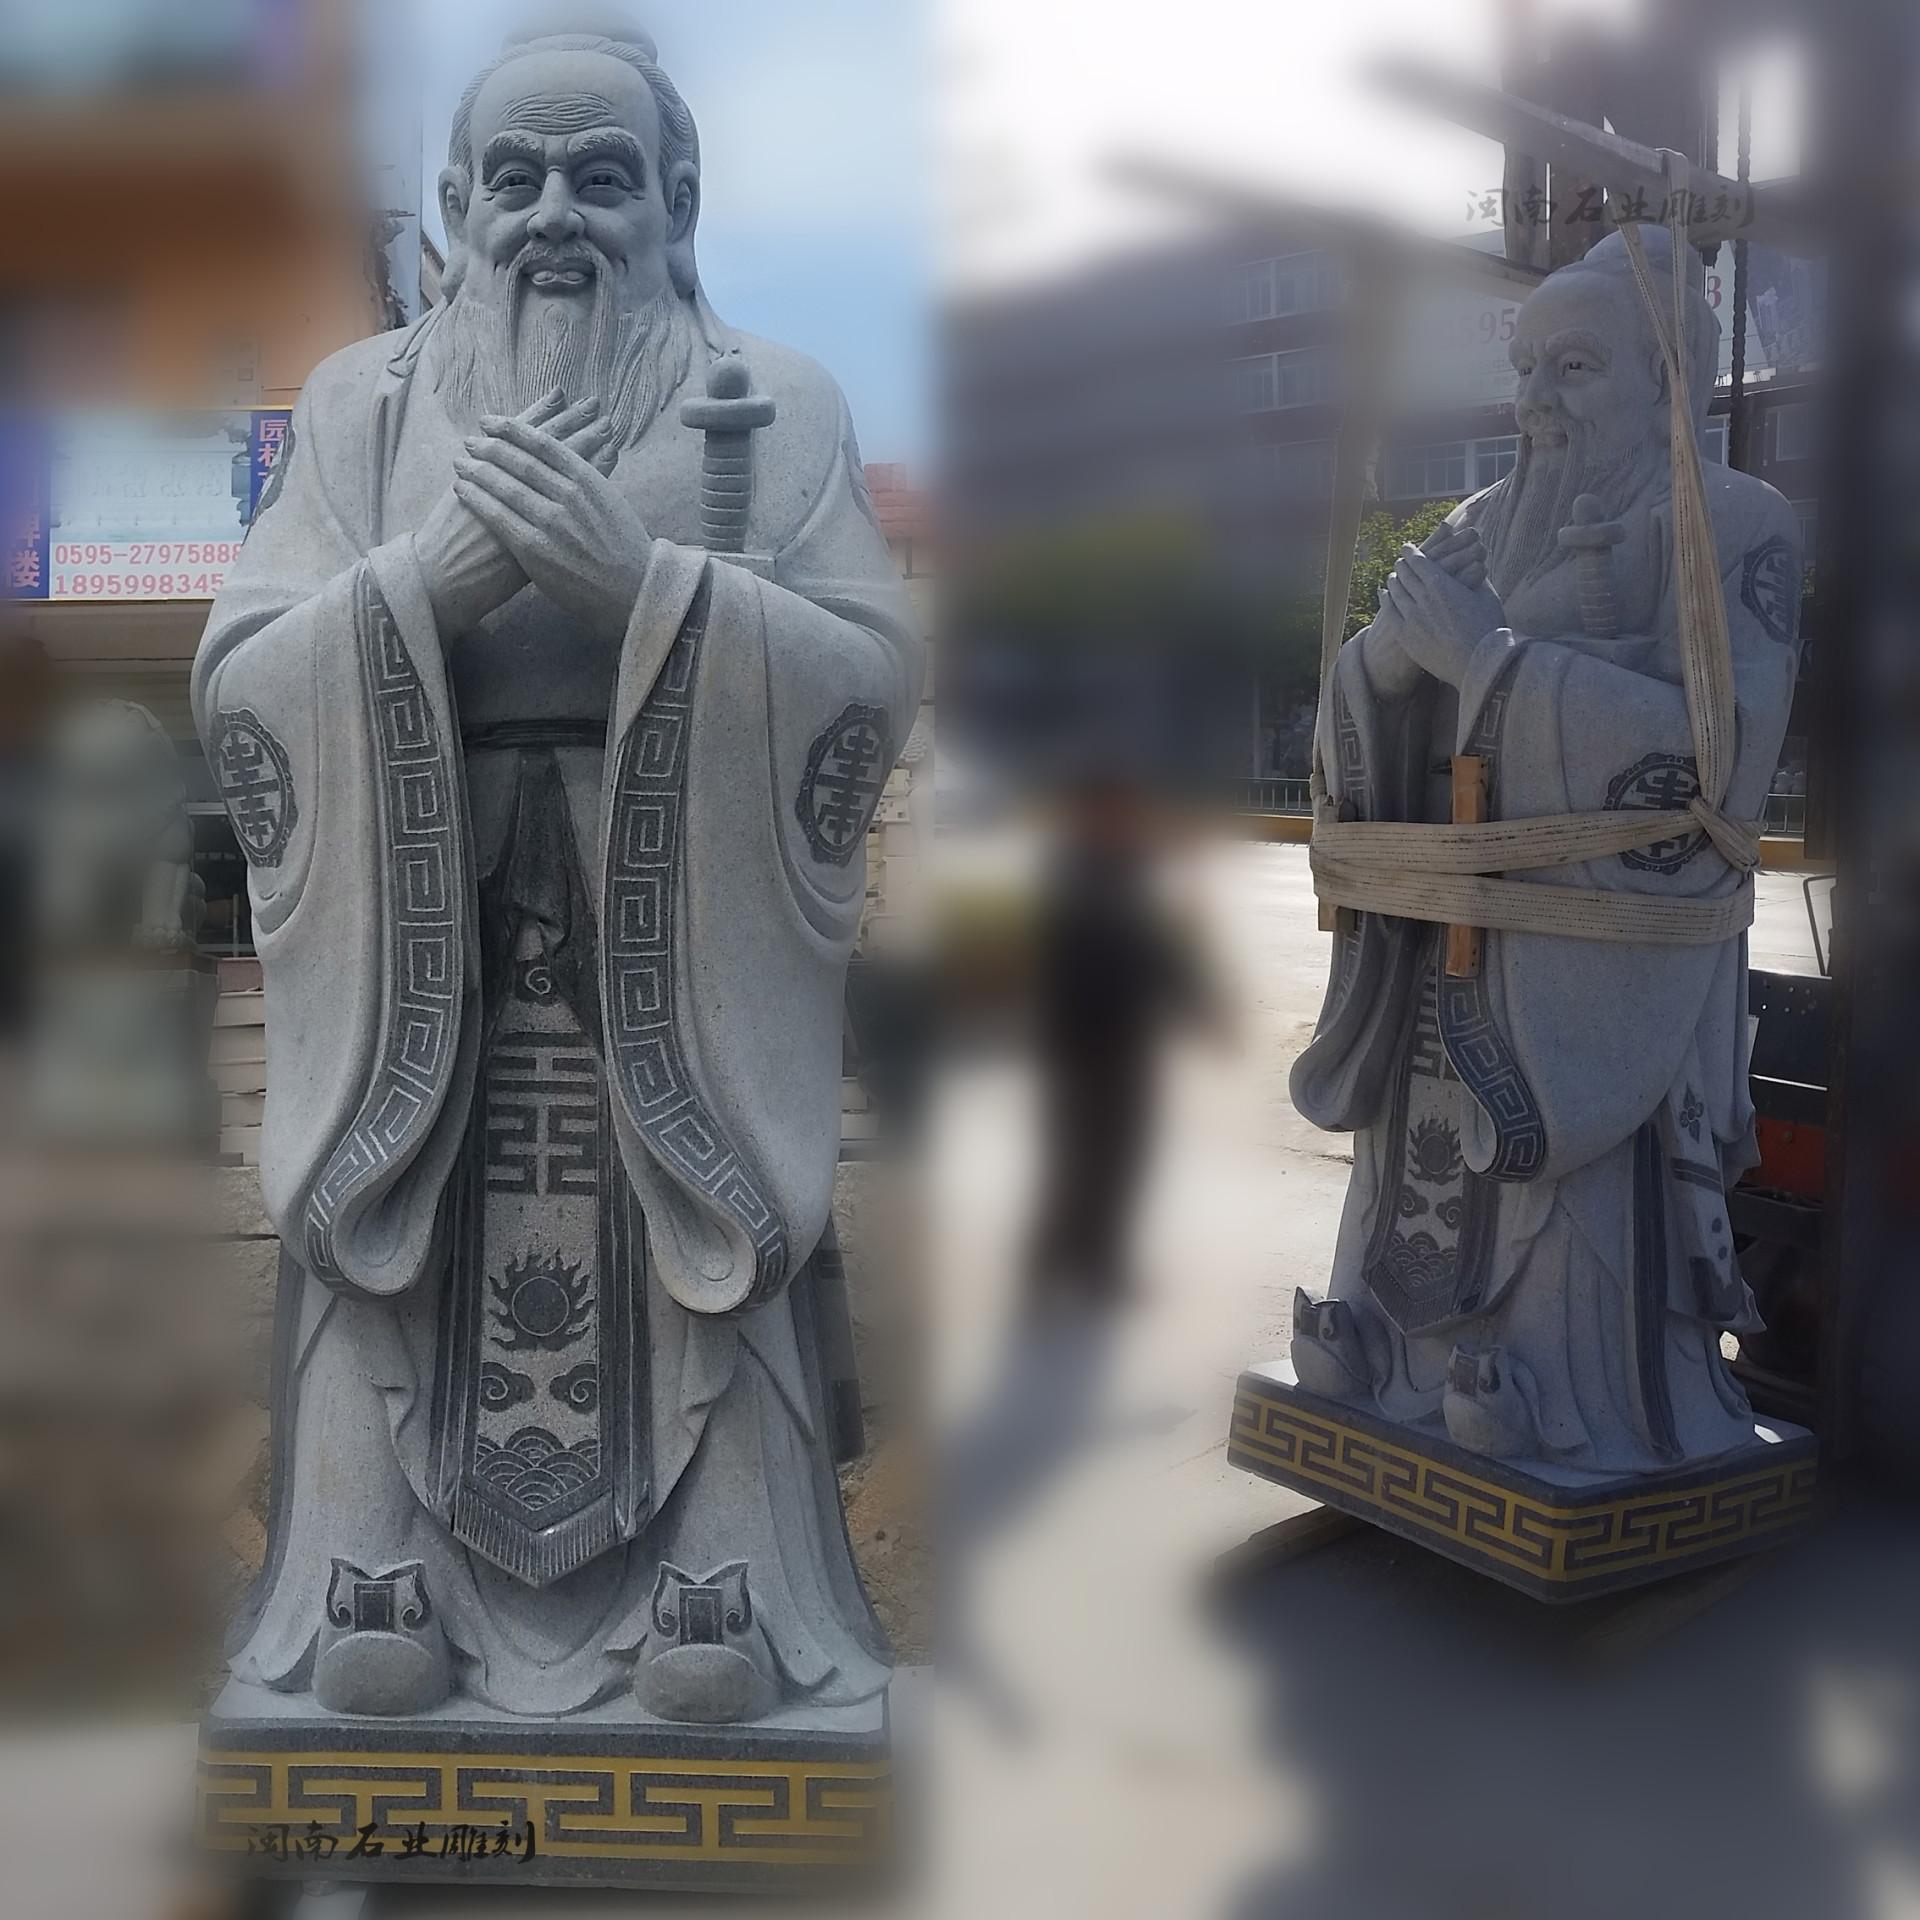 深圳石雕孔子像 孔子雕像 惠安石雕示例图4